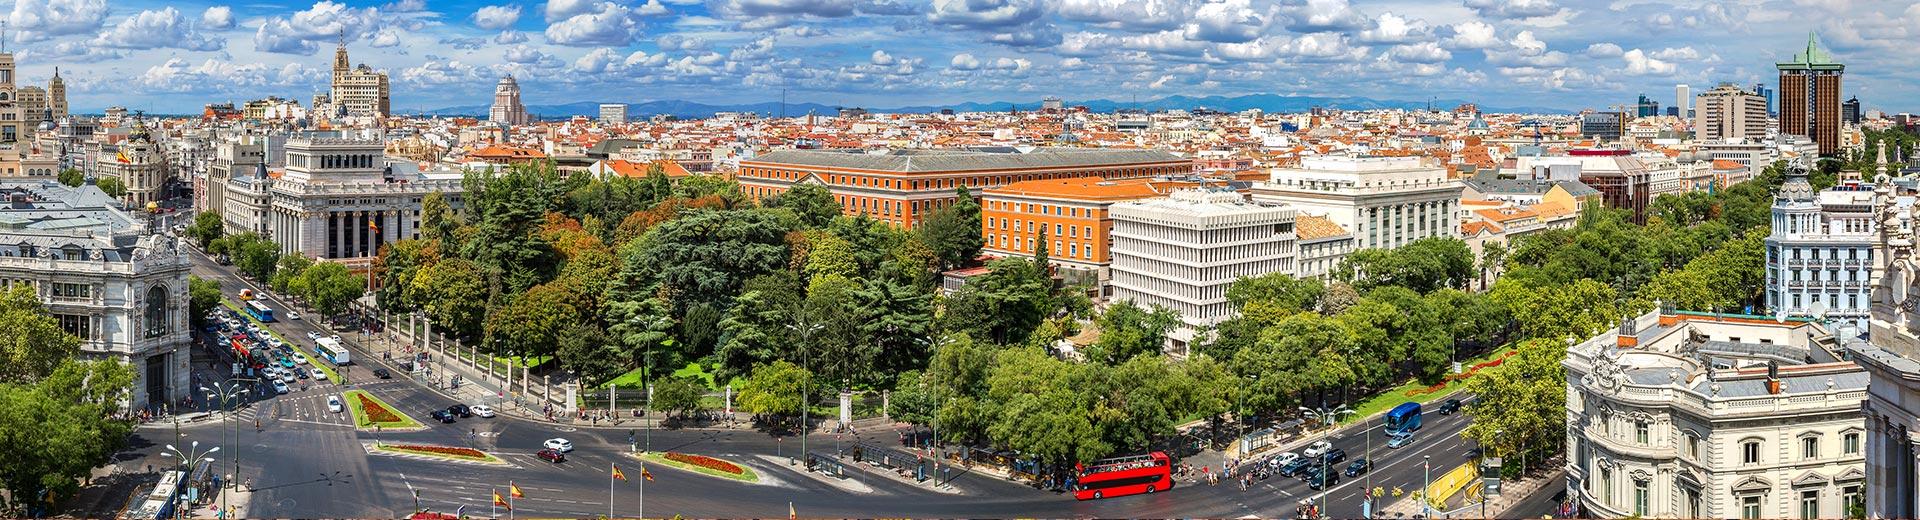 Städtereise Mailand